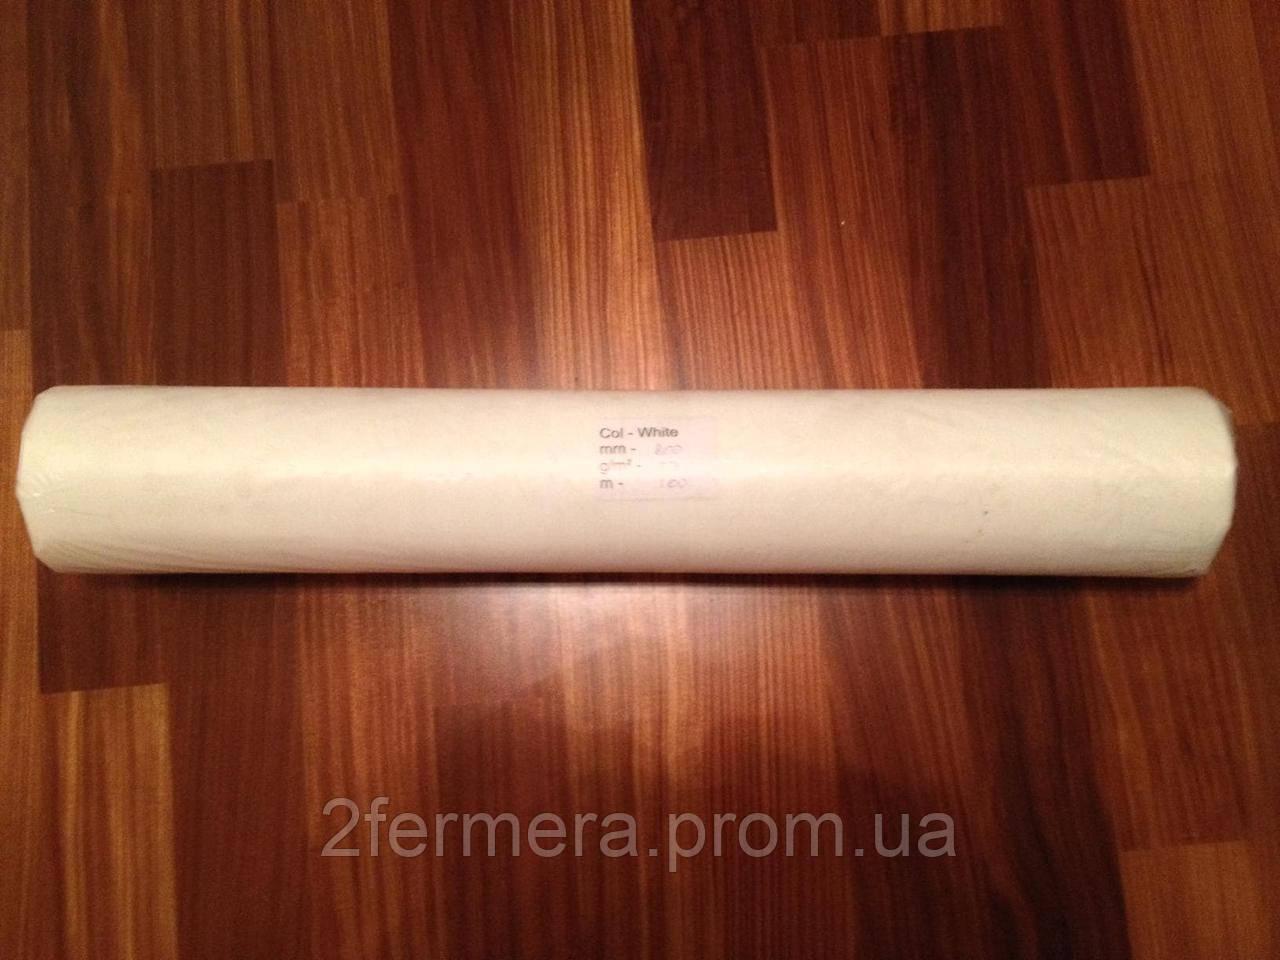 Массажные простыни шириной 80 см и длиной 200м. белые 19 плотность ЭКО